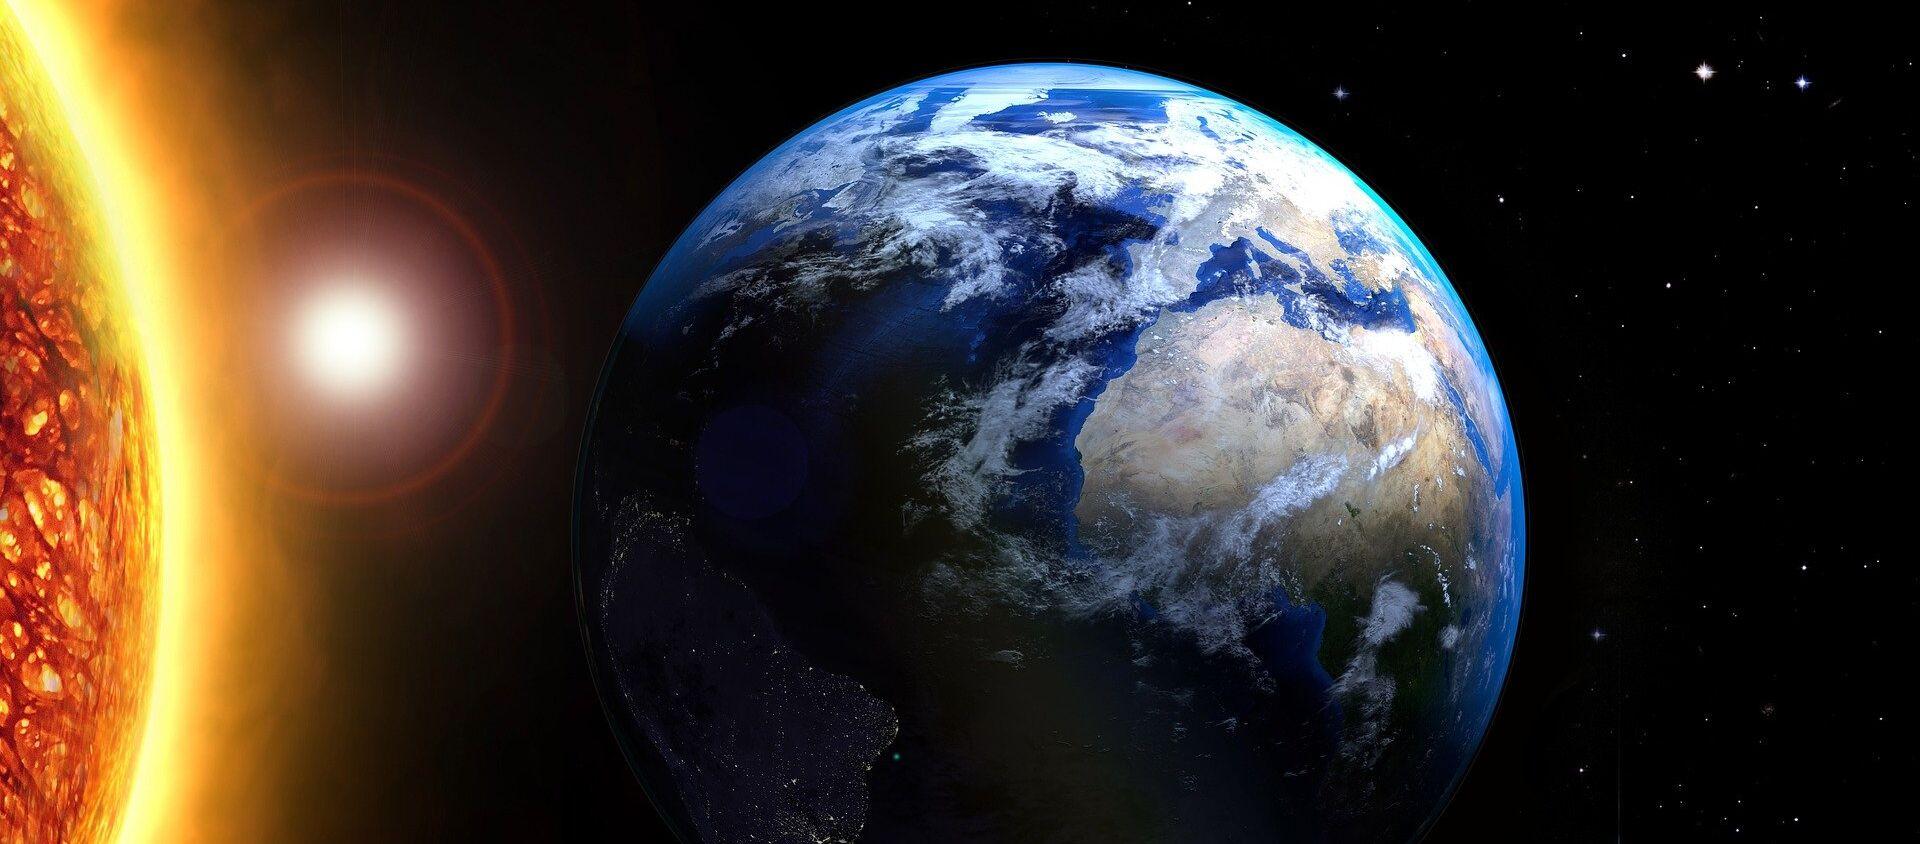 La Tierra y el sol - Sputnik Mundo, 1920, 03.06.2020